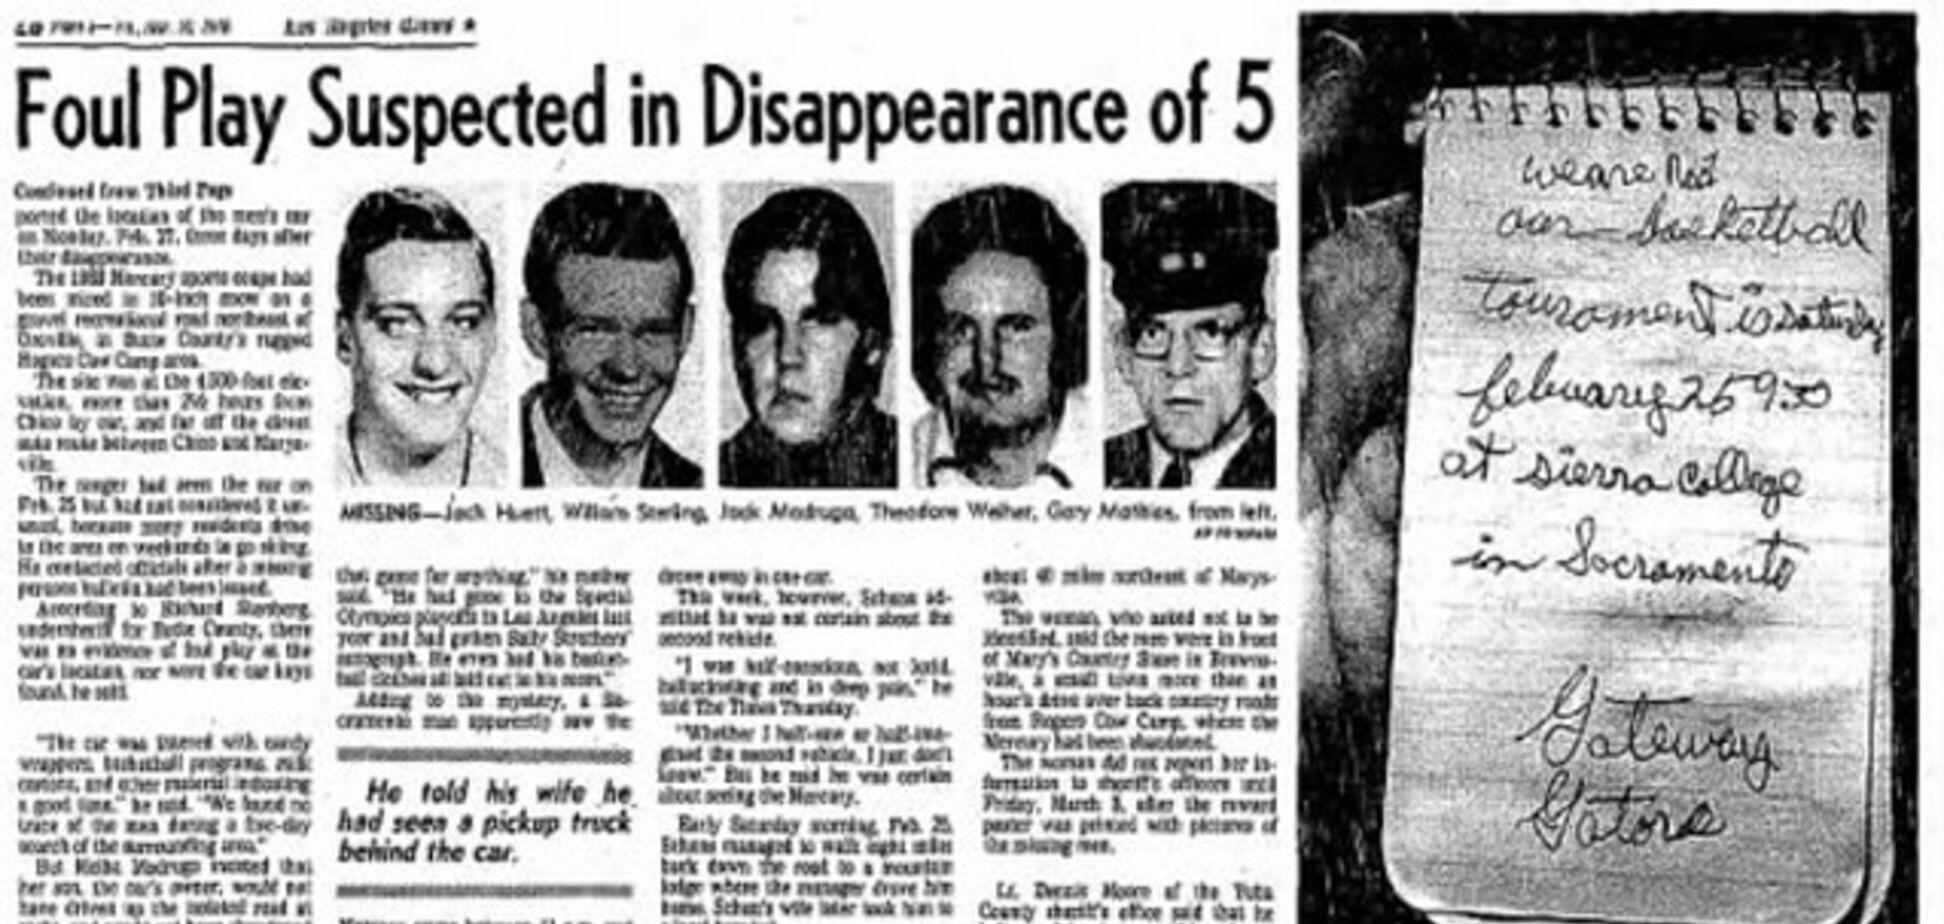 Американський перевал Дятлова: п'ятеро спортсменів загинули за дивних обставин